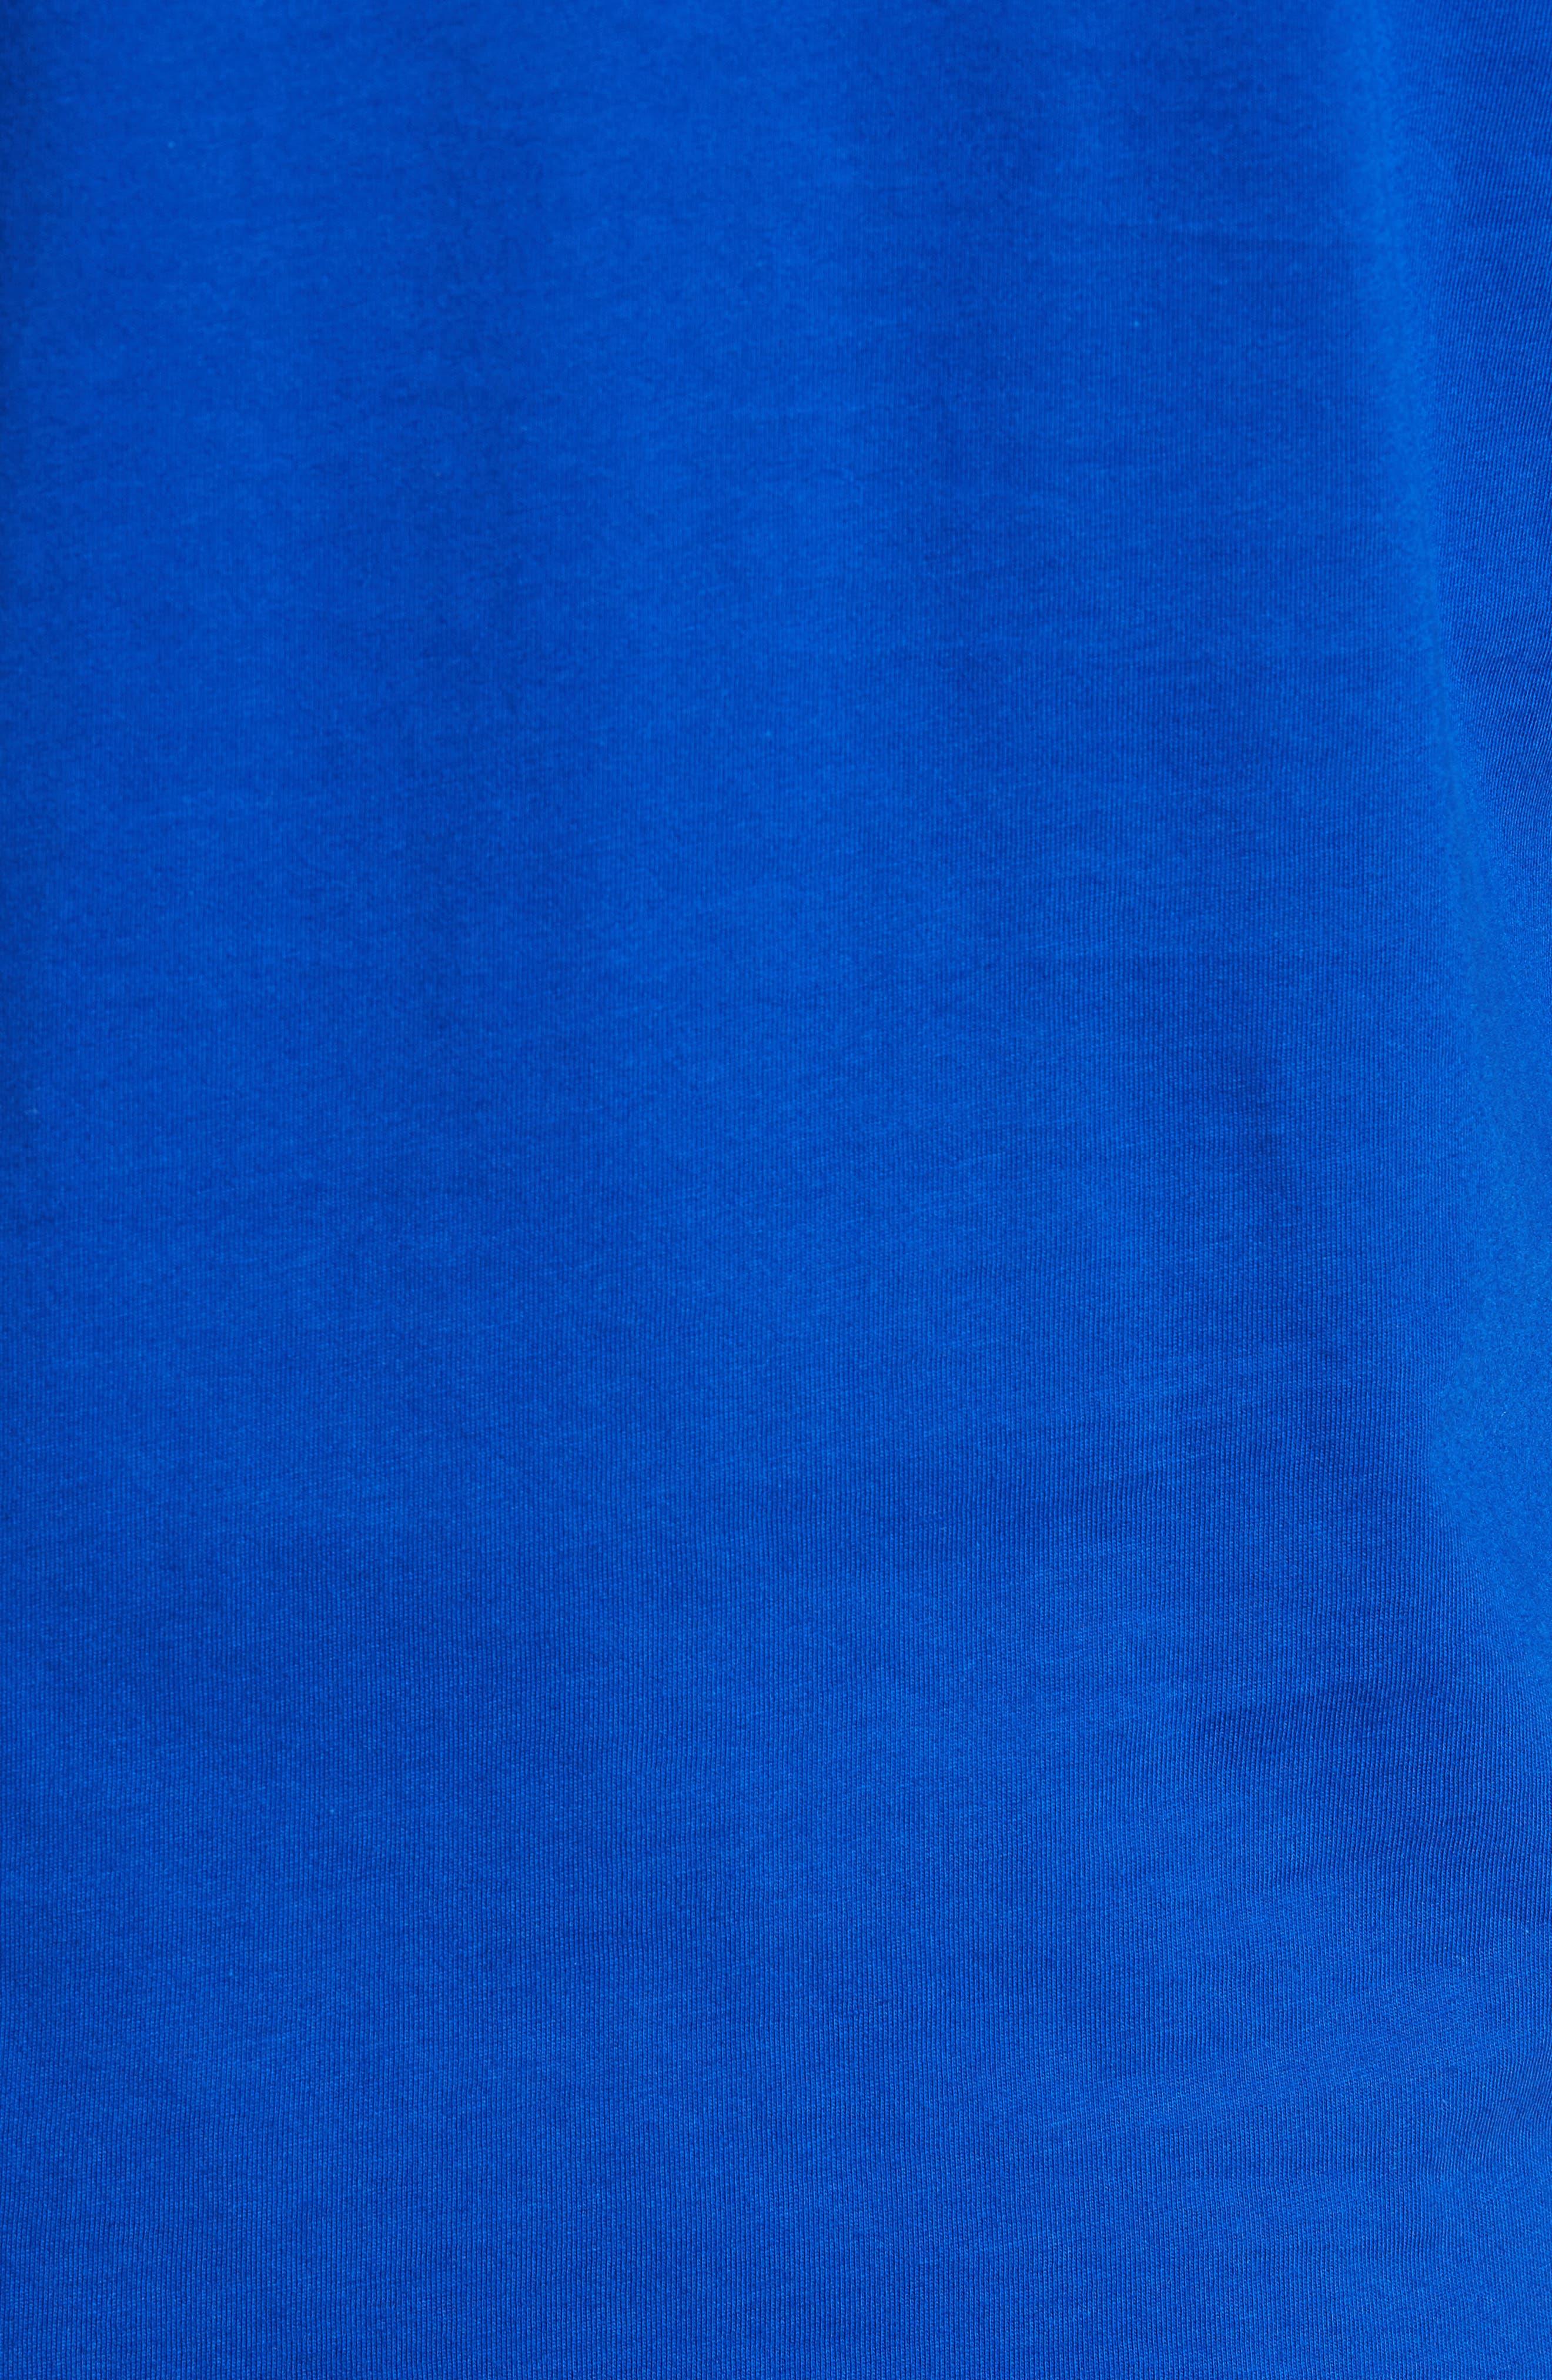 Polo Ralph Lauren Crewneck T-Shirt,                             Alternate thumbnail 5, color,                             414